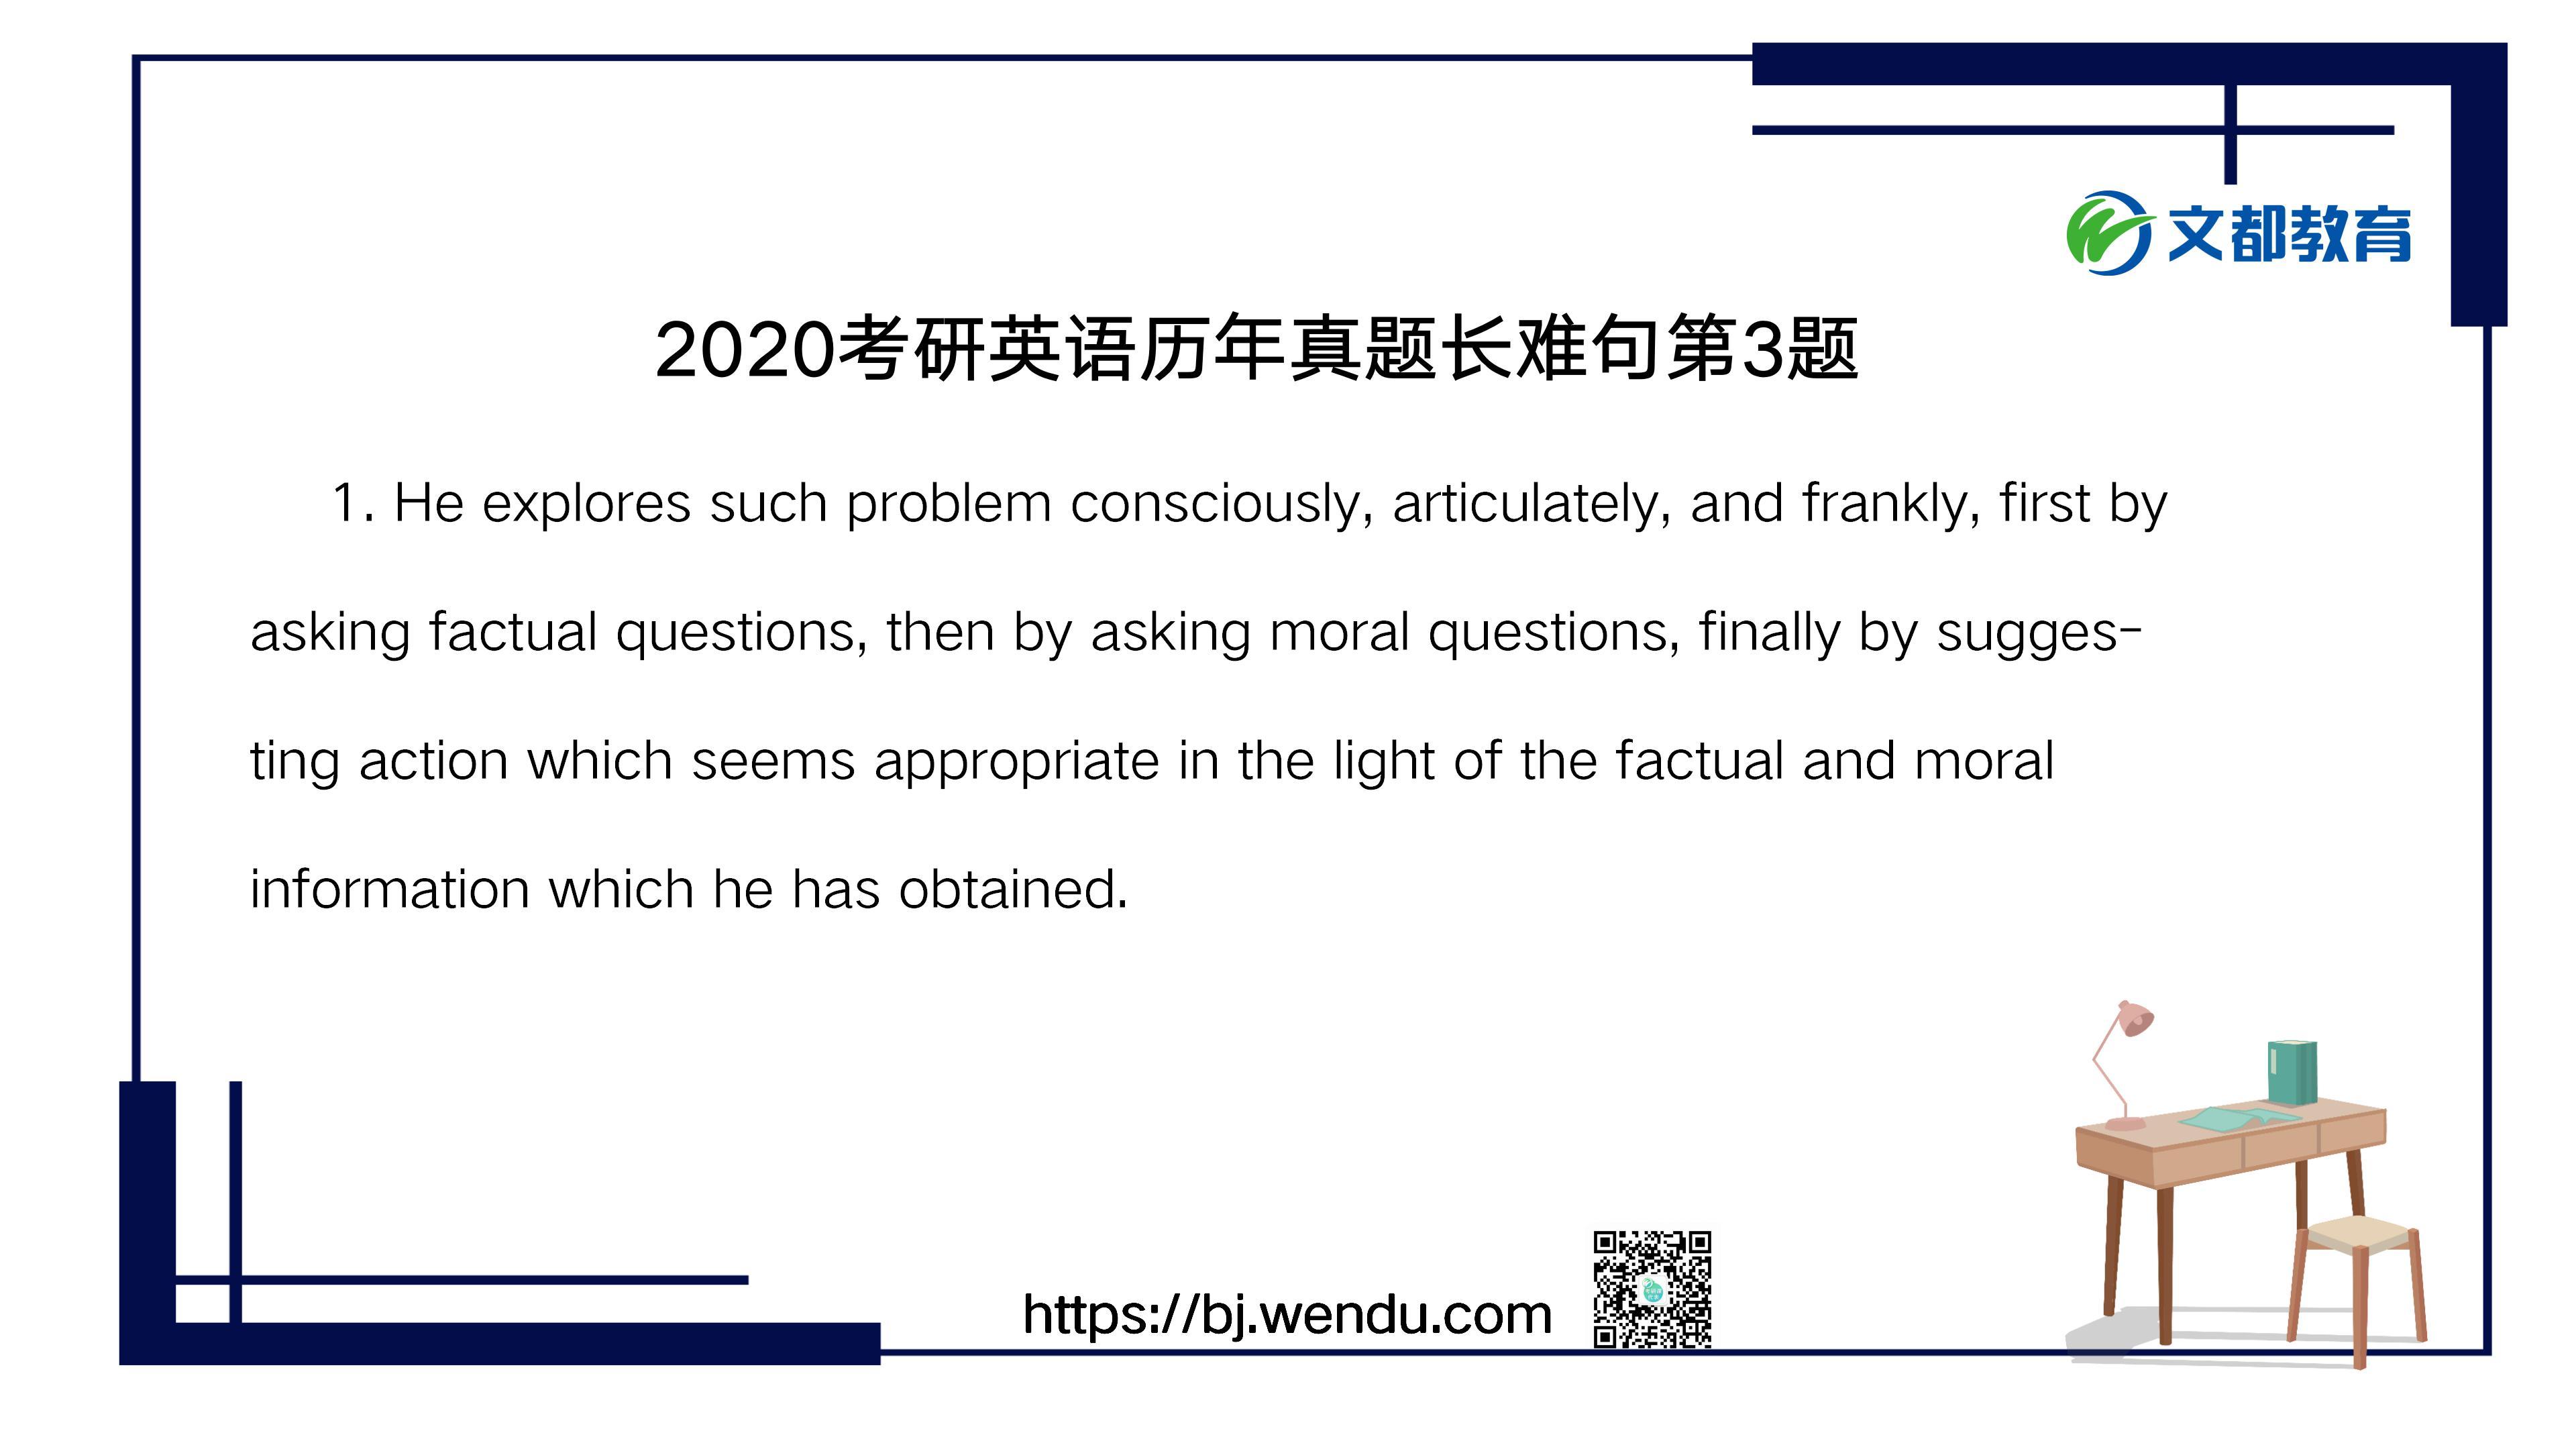 2020考研英语历年真题长难句第3题